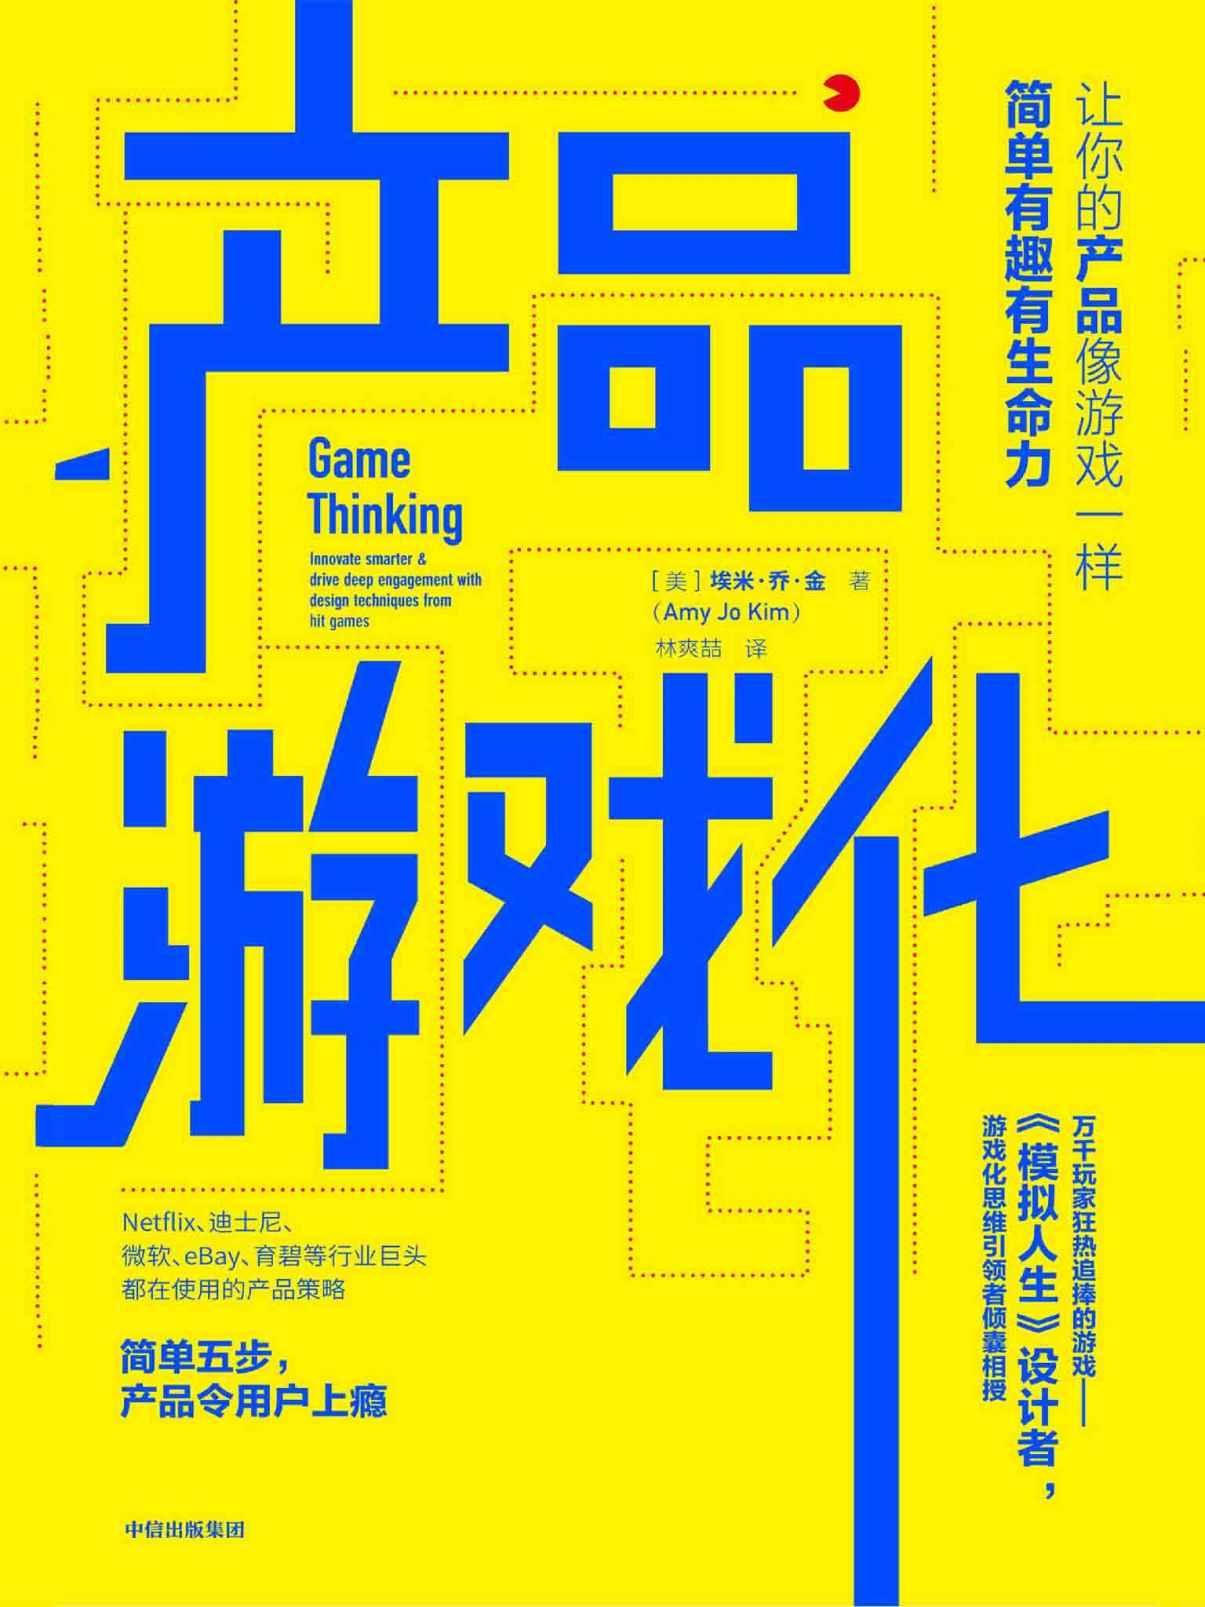 [美]埃米·乔·金《产品游戏化》PDF电子书下载